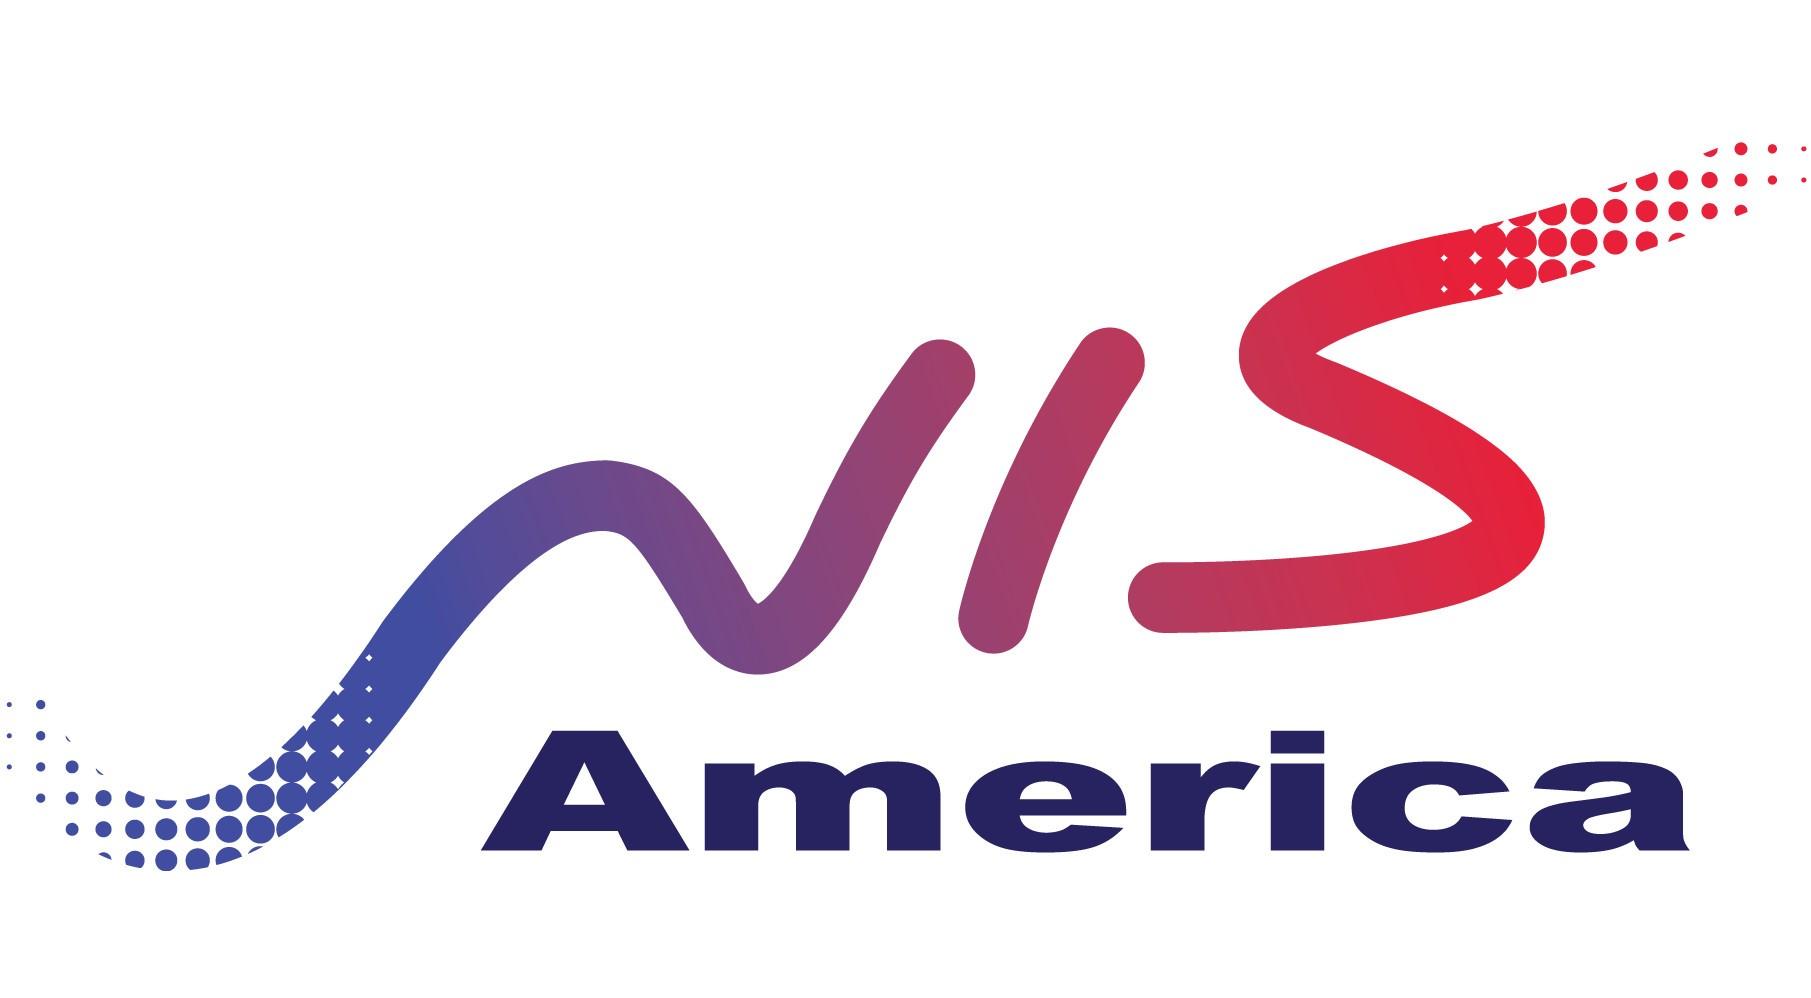 (Compilado) Todos os jogos lançados/anunciados da NIS America para o Switch em 2018